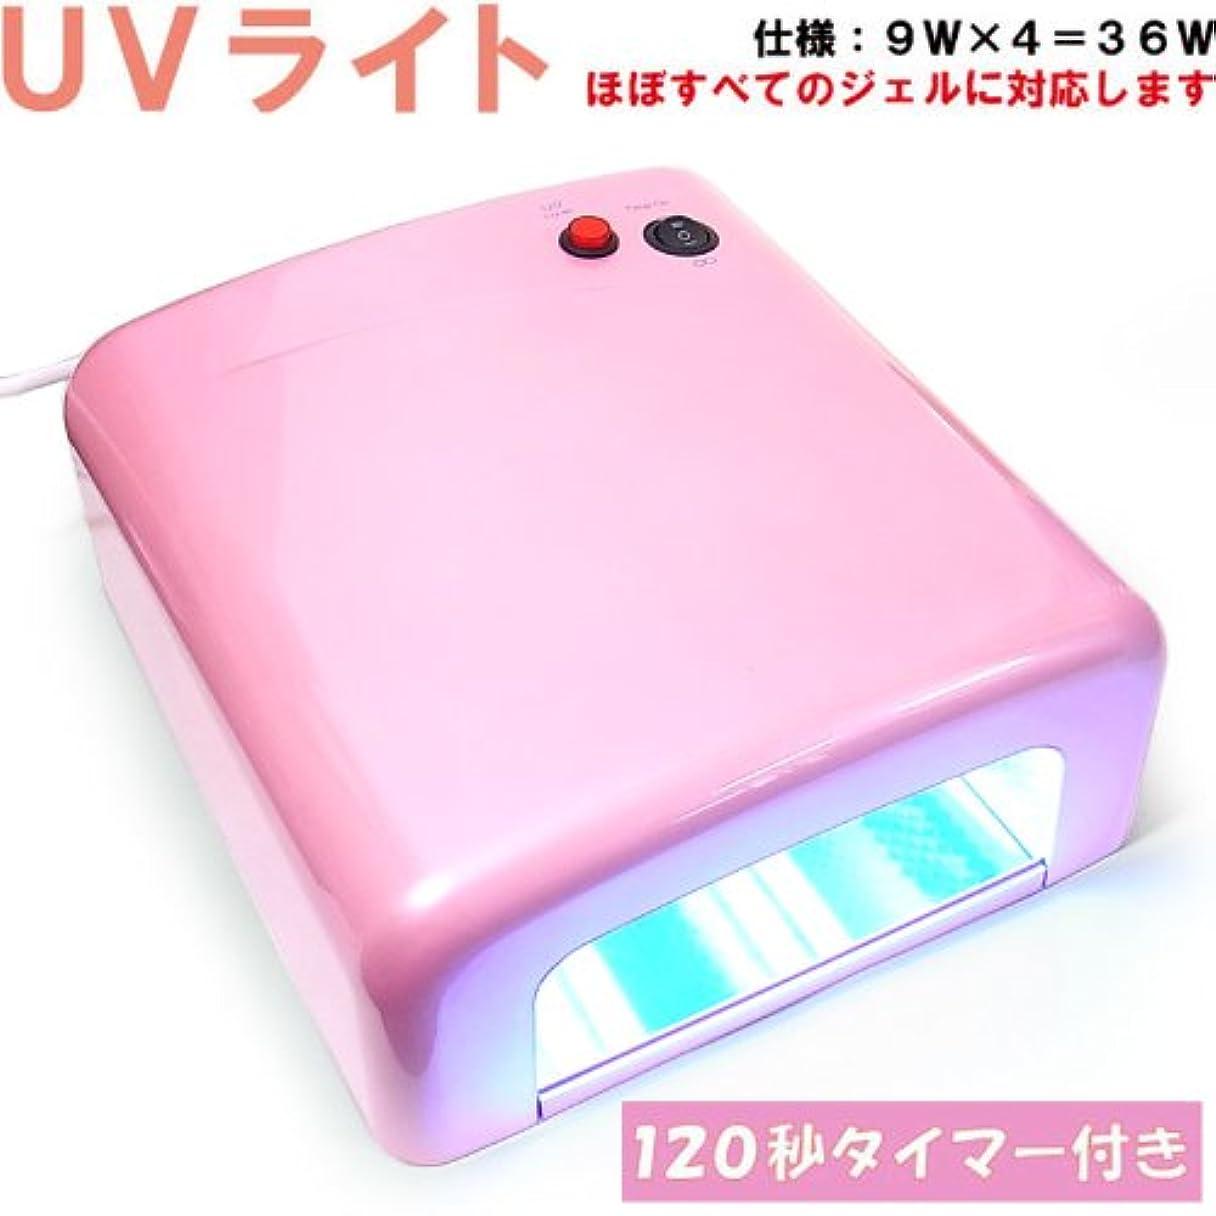 帆僕のエネルギージェルネイル用UVライト36W(電球9W×4本付き)UVランプ【ピンク】